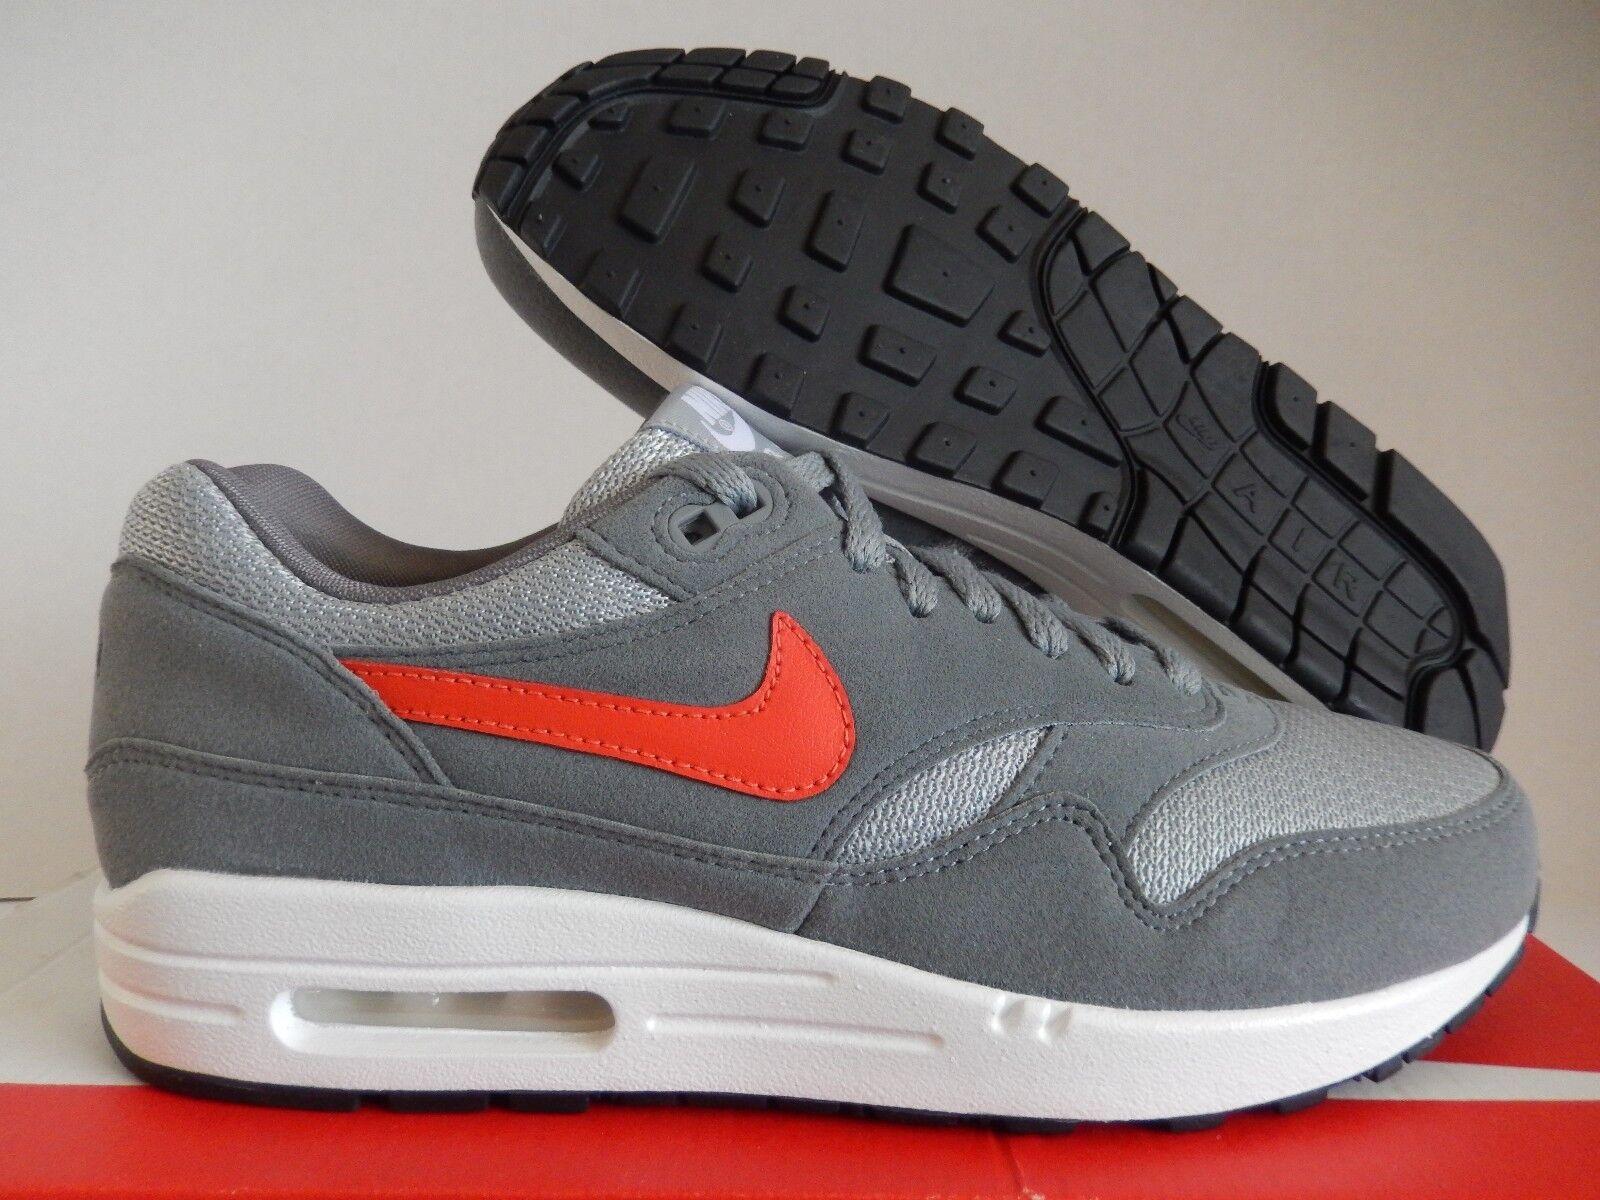 Nike buio air max 1 id buio Nike grey-grey-red sz 8 reti alluce![943756-993] a1a79d